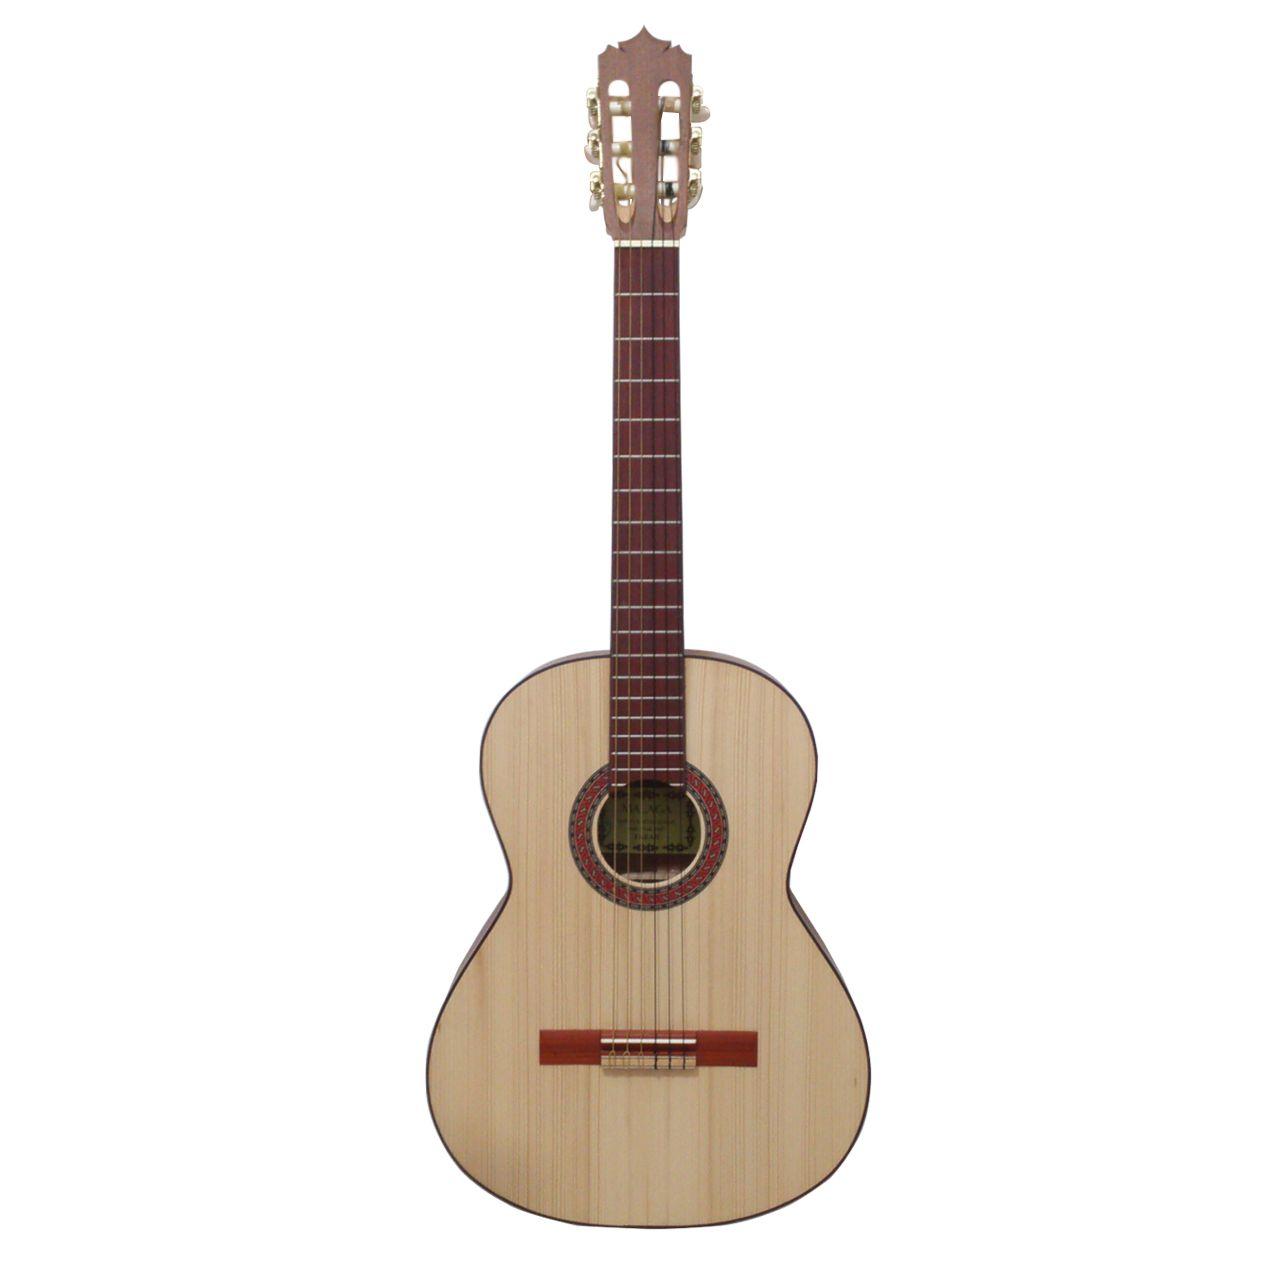 گیتار کلاسیک مالاگا مدل p1